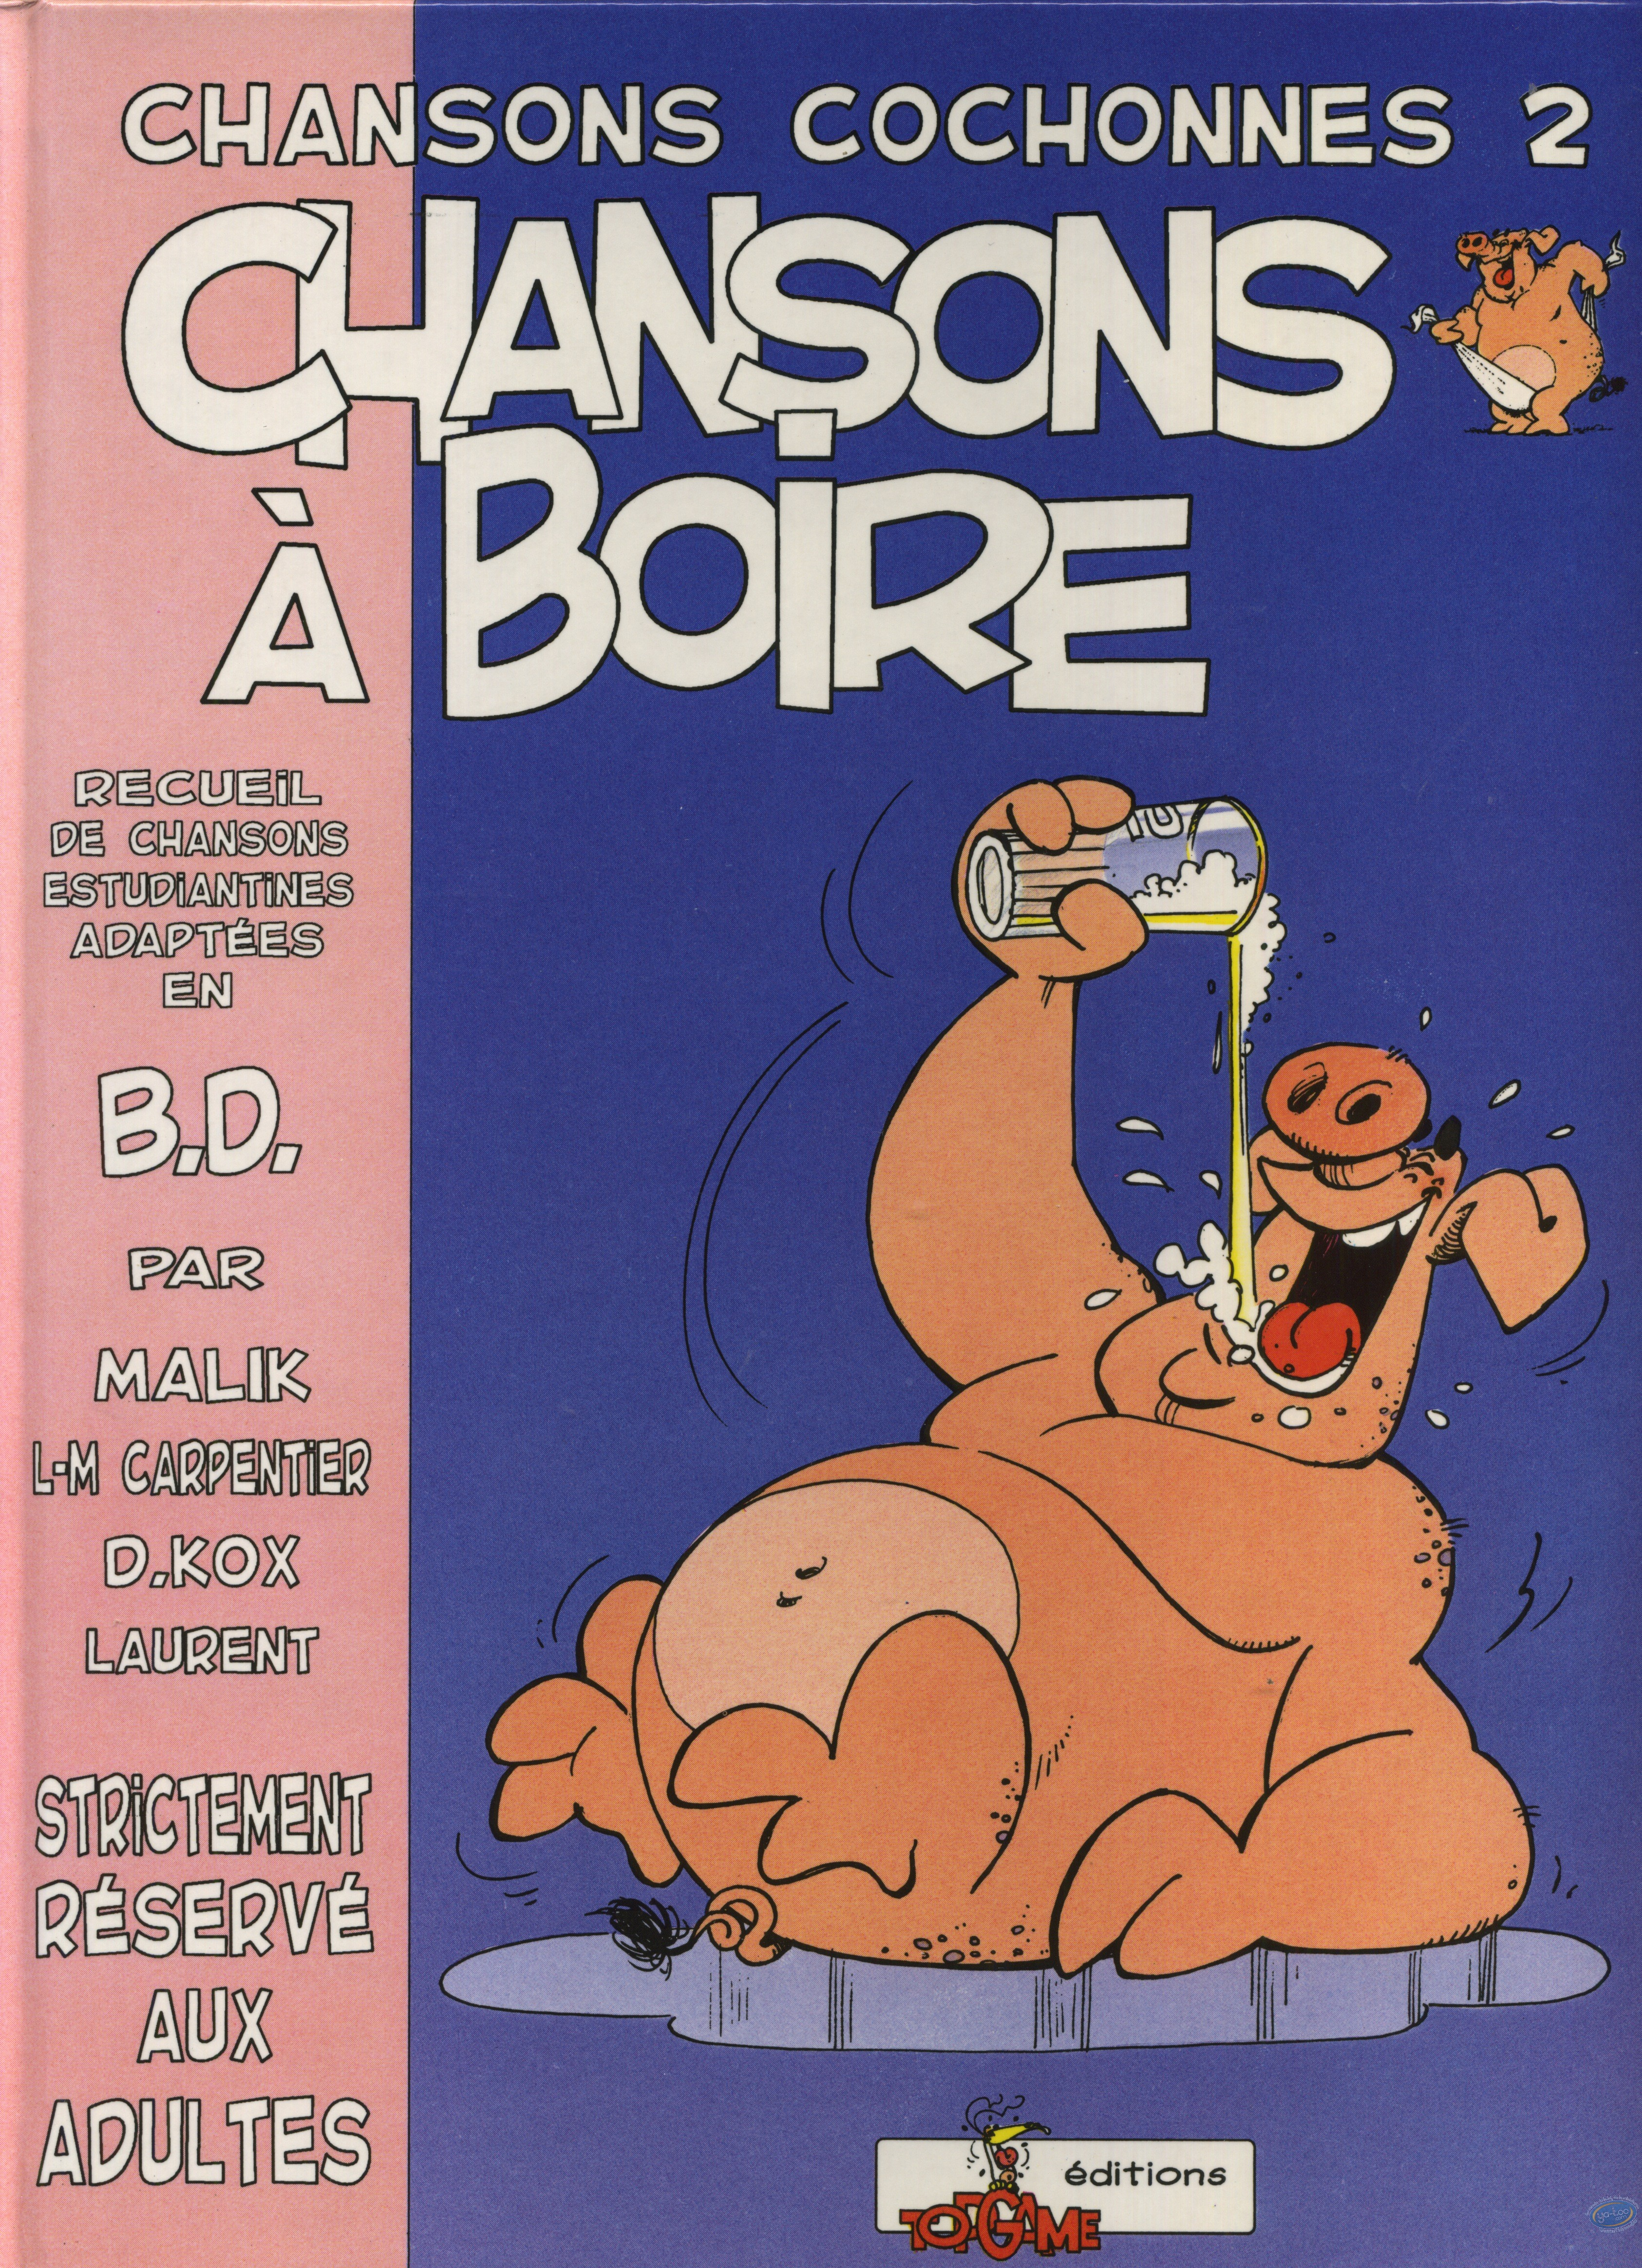 BD adultes, Chansons cochonnes : Chansons à boire - Chansons cochonnes 2